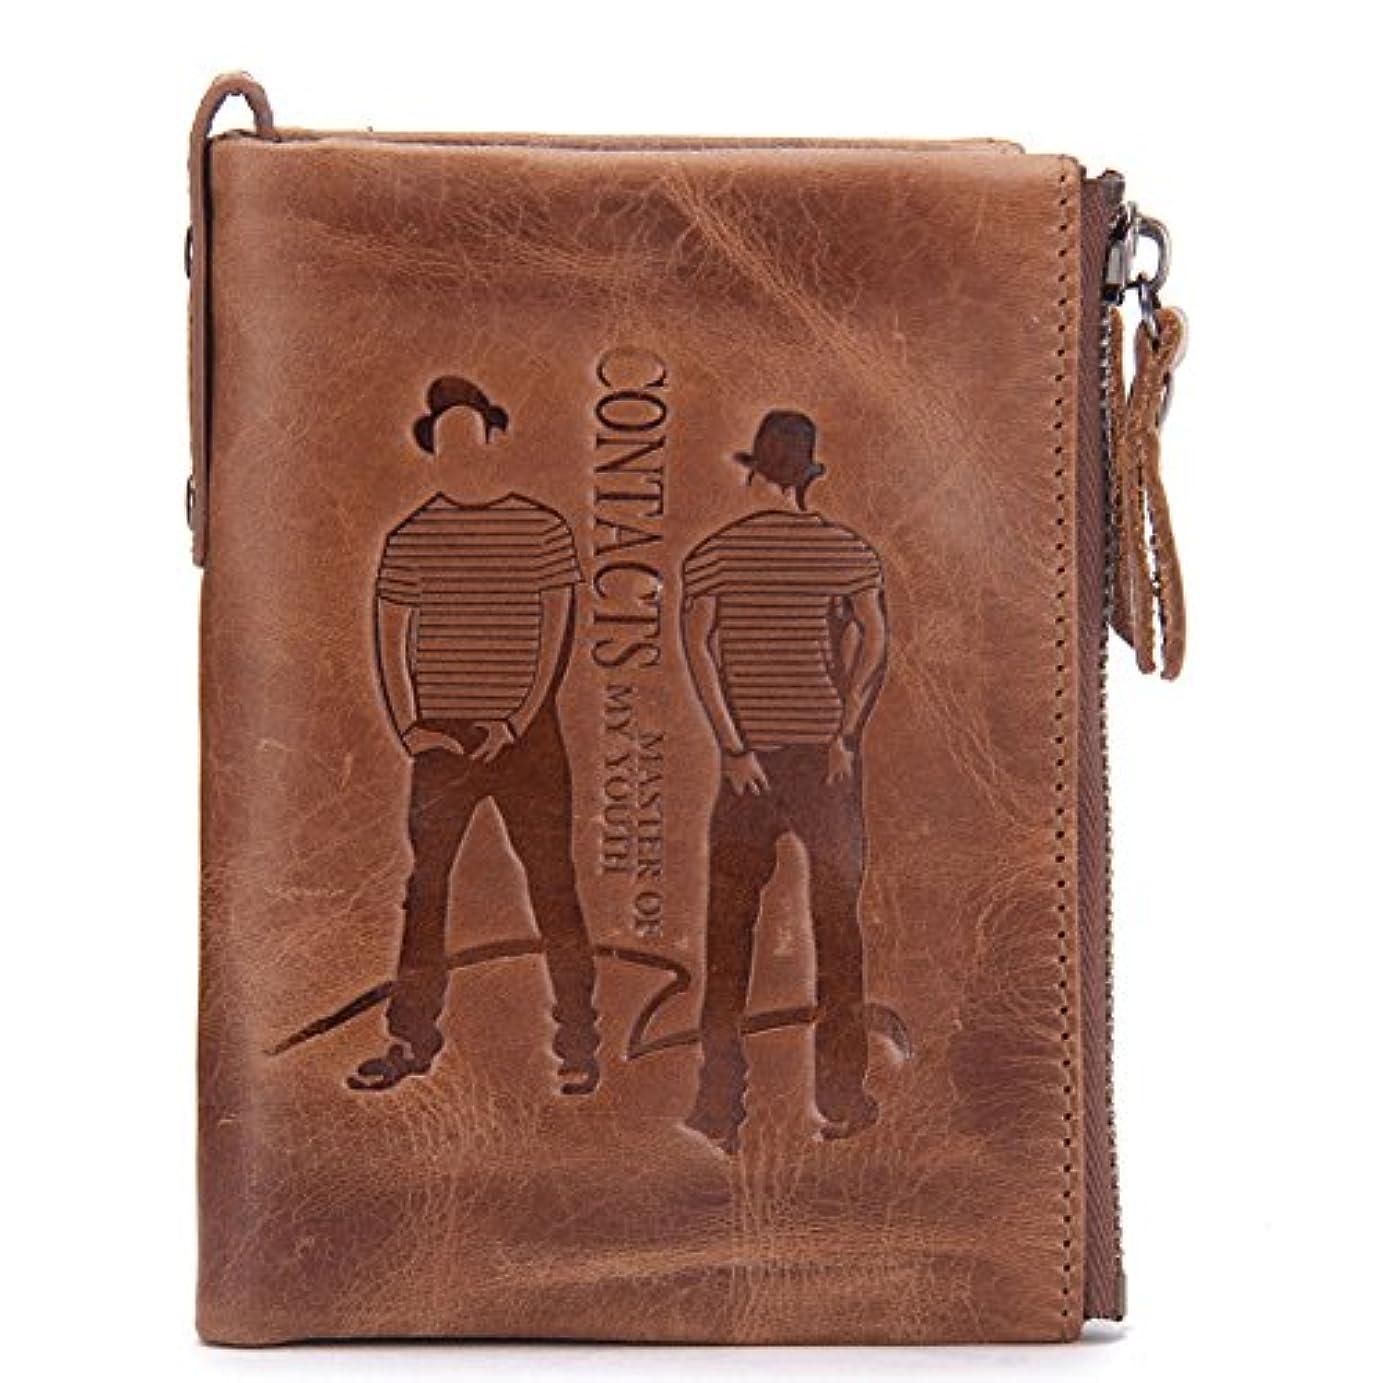 見積り荷物温かいPINJEAS メンズ 本革 財布 二つ折り ファスナー 小銭入れ ブラウン